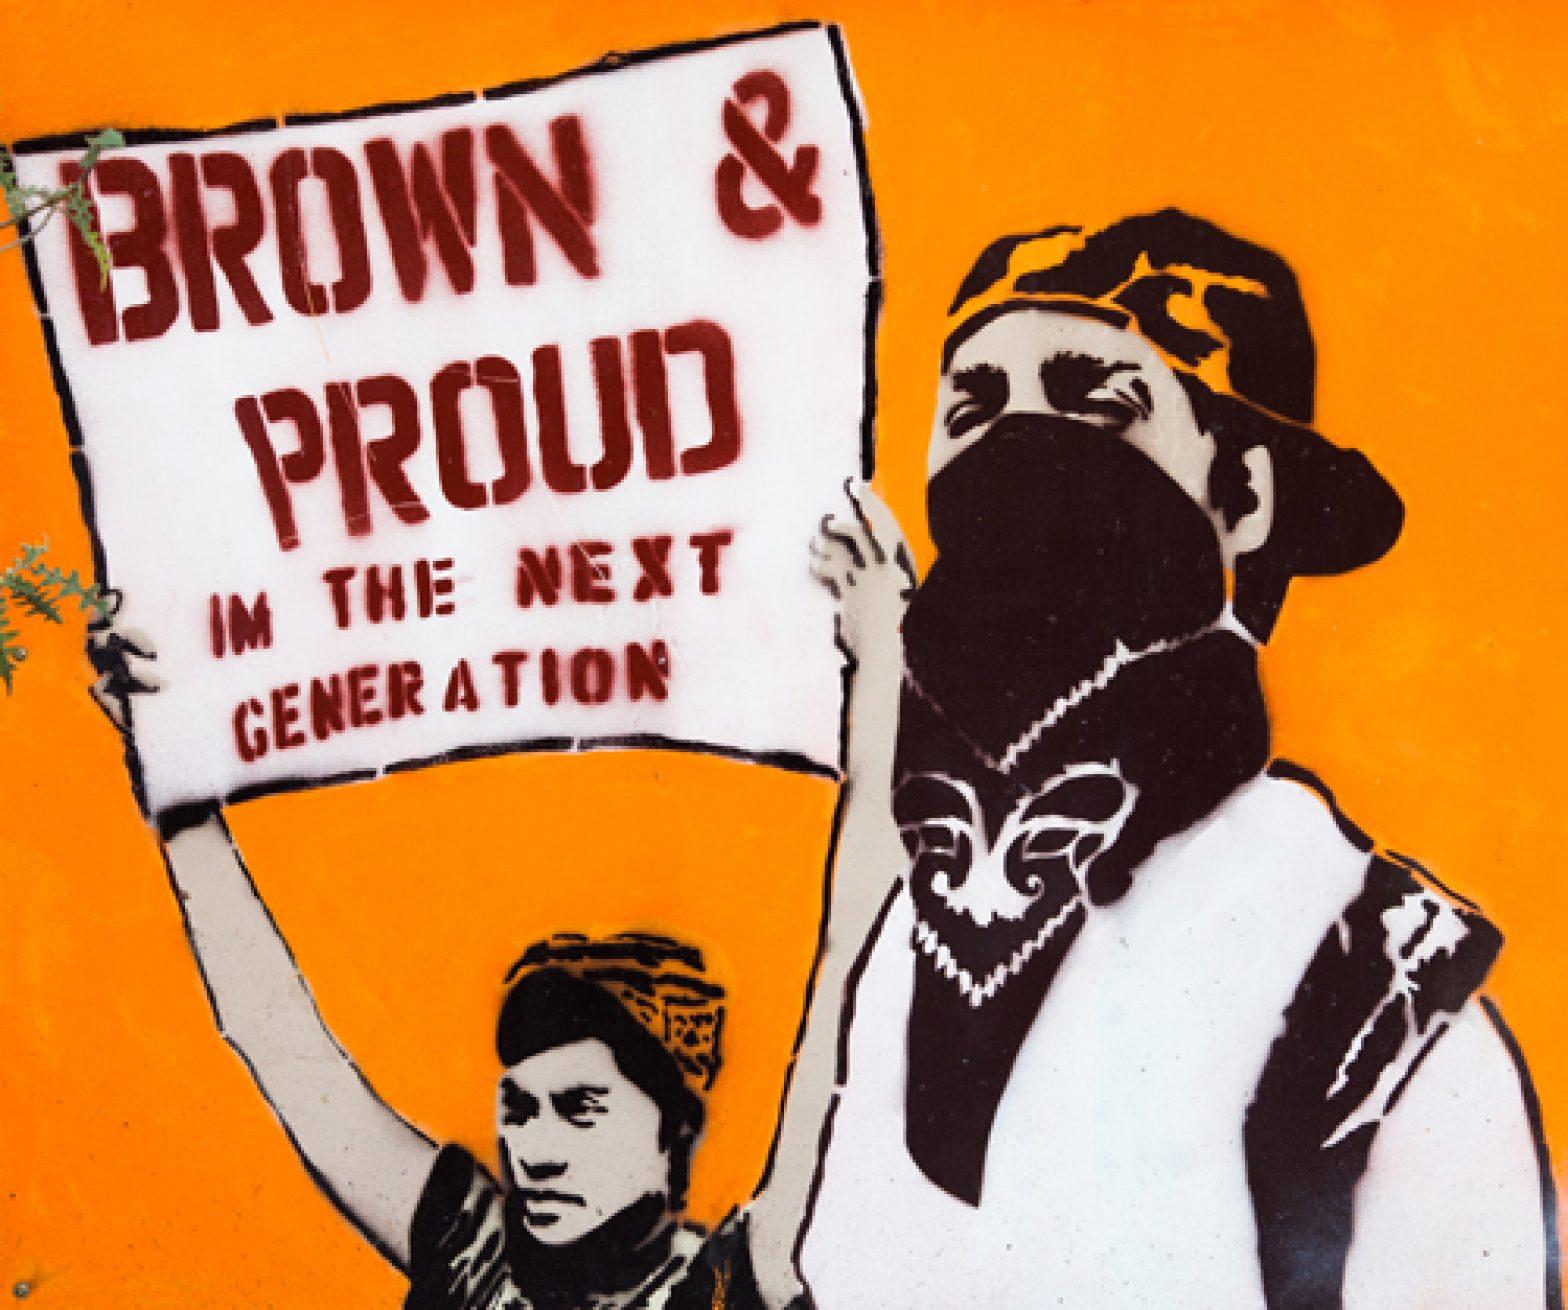 brownproudnextgen.jpg